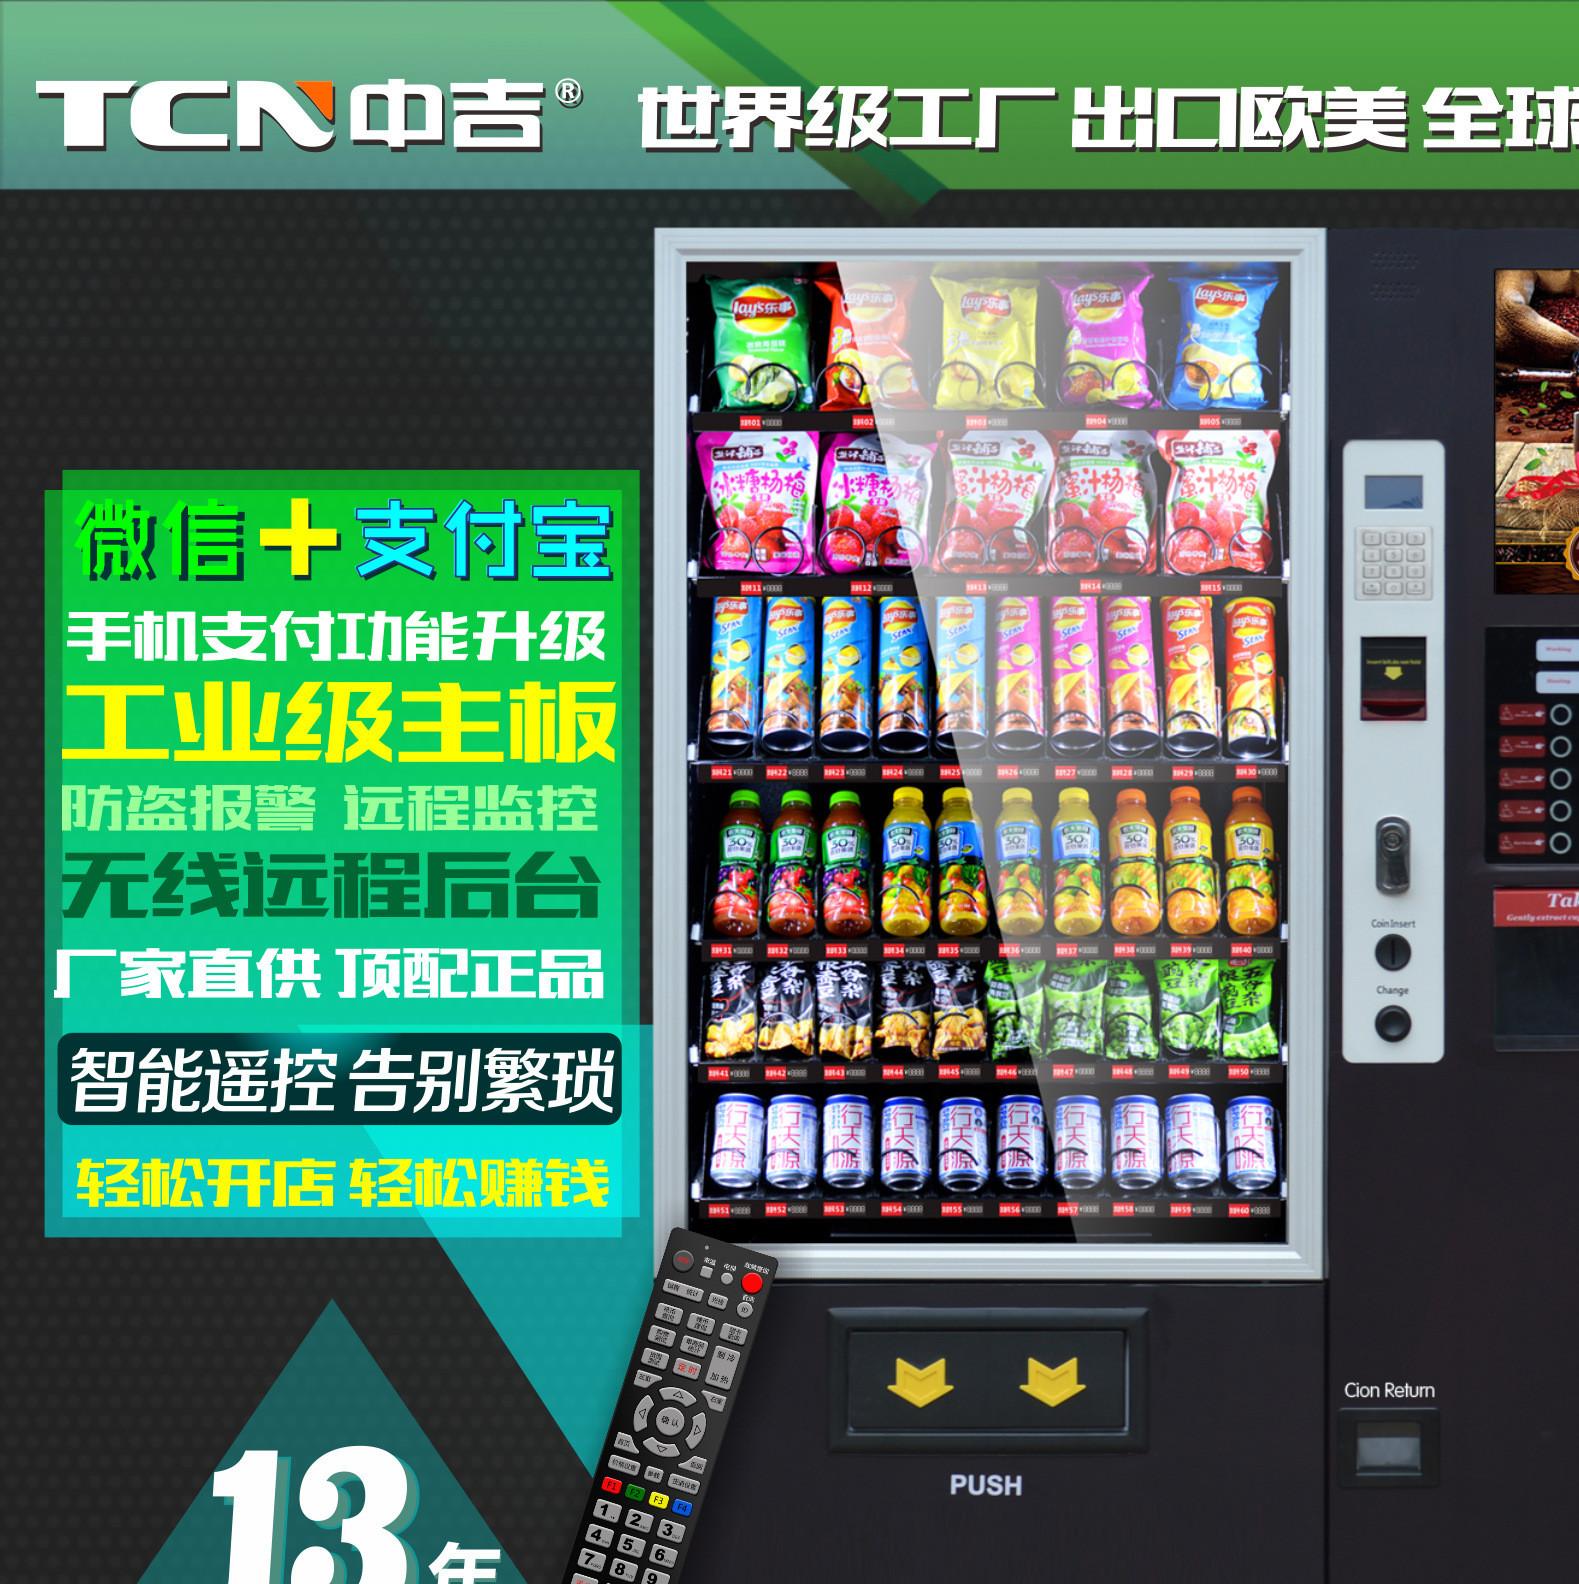 中吉咖啡饮料饮水一体机 自动咖啡机 自动售卖咖啡机 自动售货机